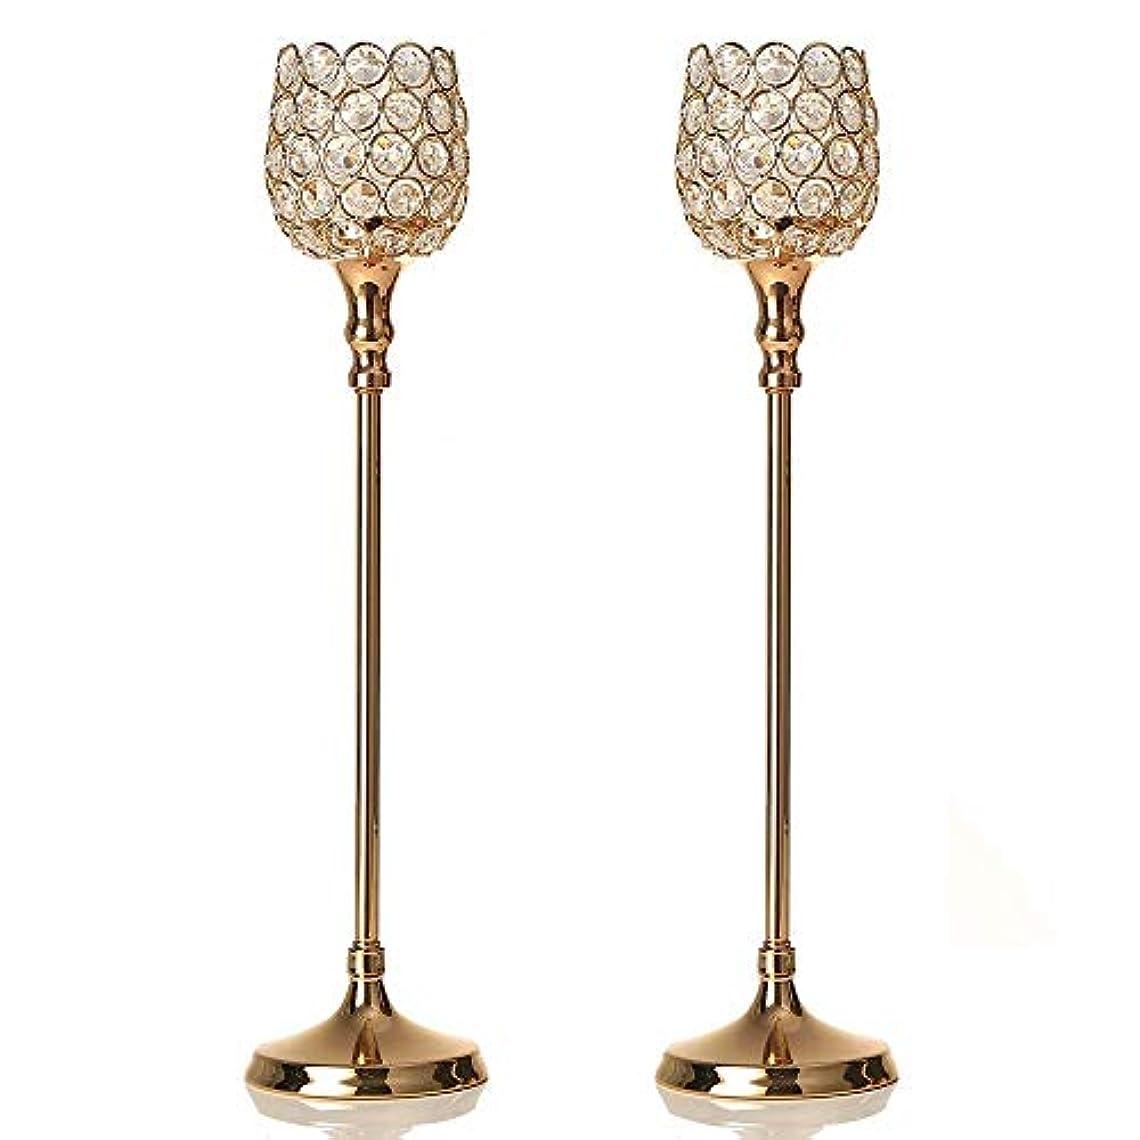 光沢のあるアラブサラボ変位VINCIGANT ゴールデンクリスタルの燭台スーツ2つ結婚式、テーブルデコレーション、感謝祭、クリスマス、記念日のために2 pcs 48cm